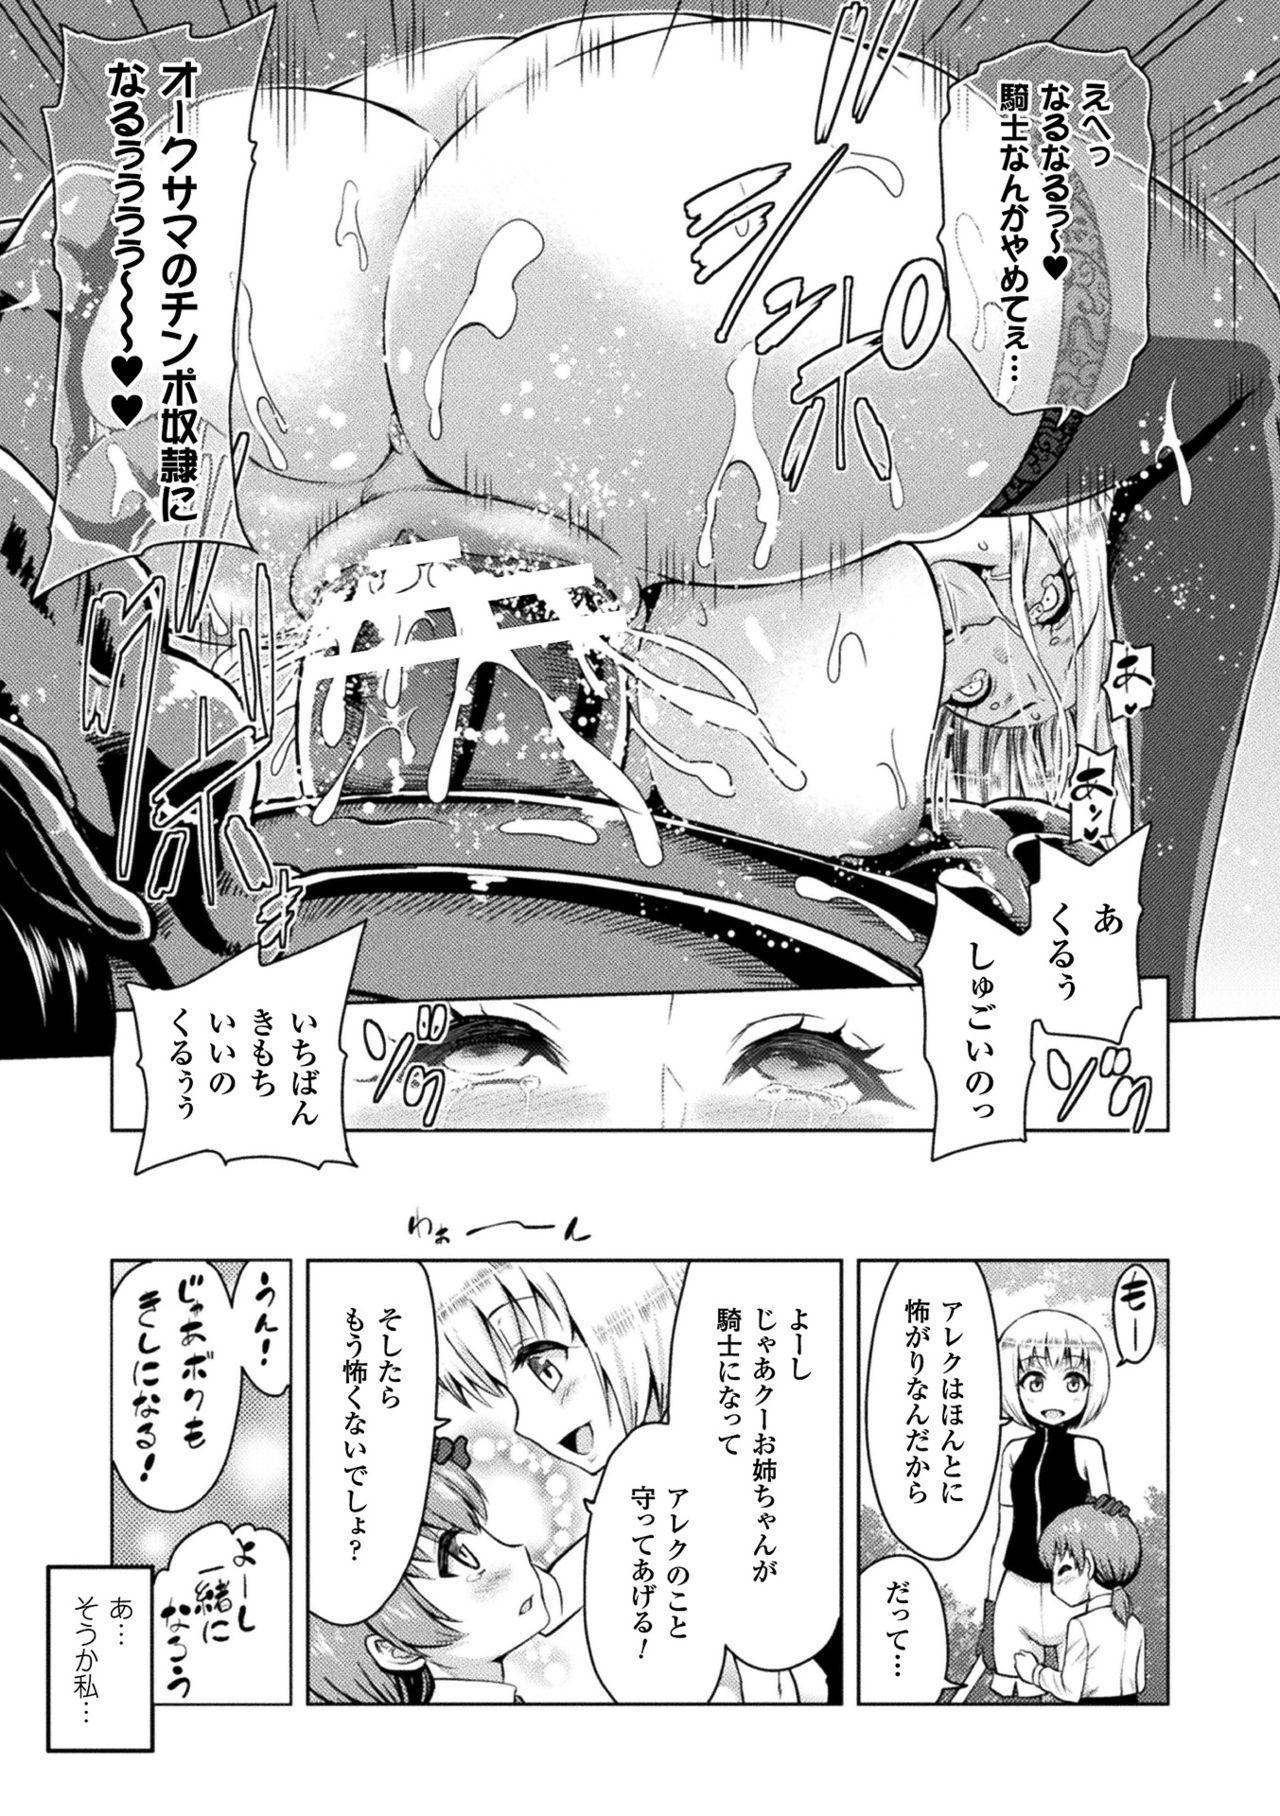 ERONA Orc no Inmon ni Okasareta Onna Kishi no Matsuro Ch. 1-6 70